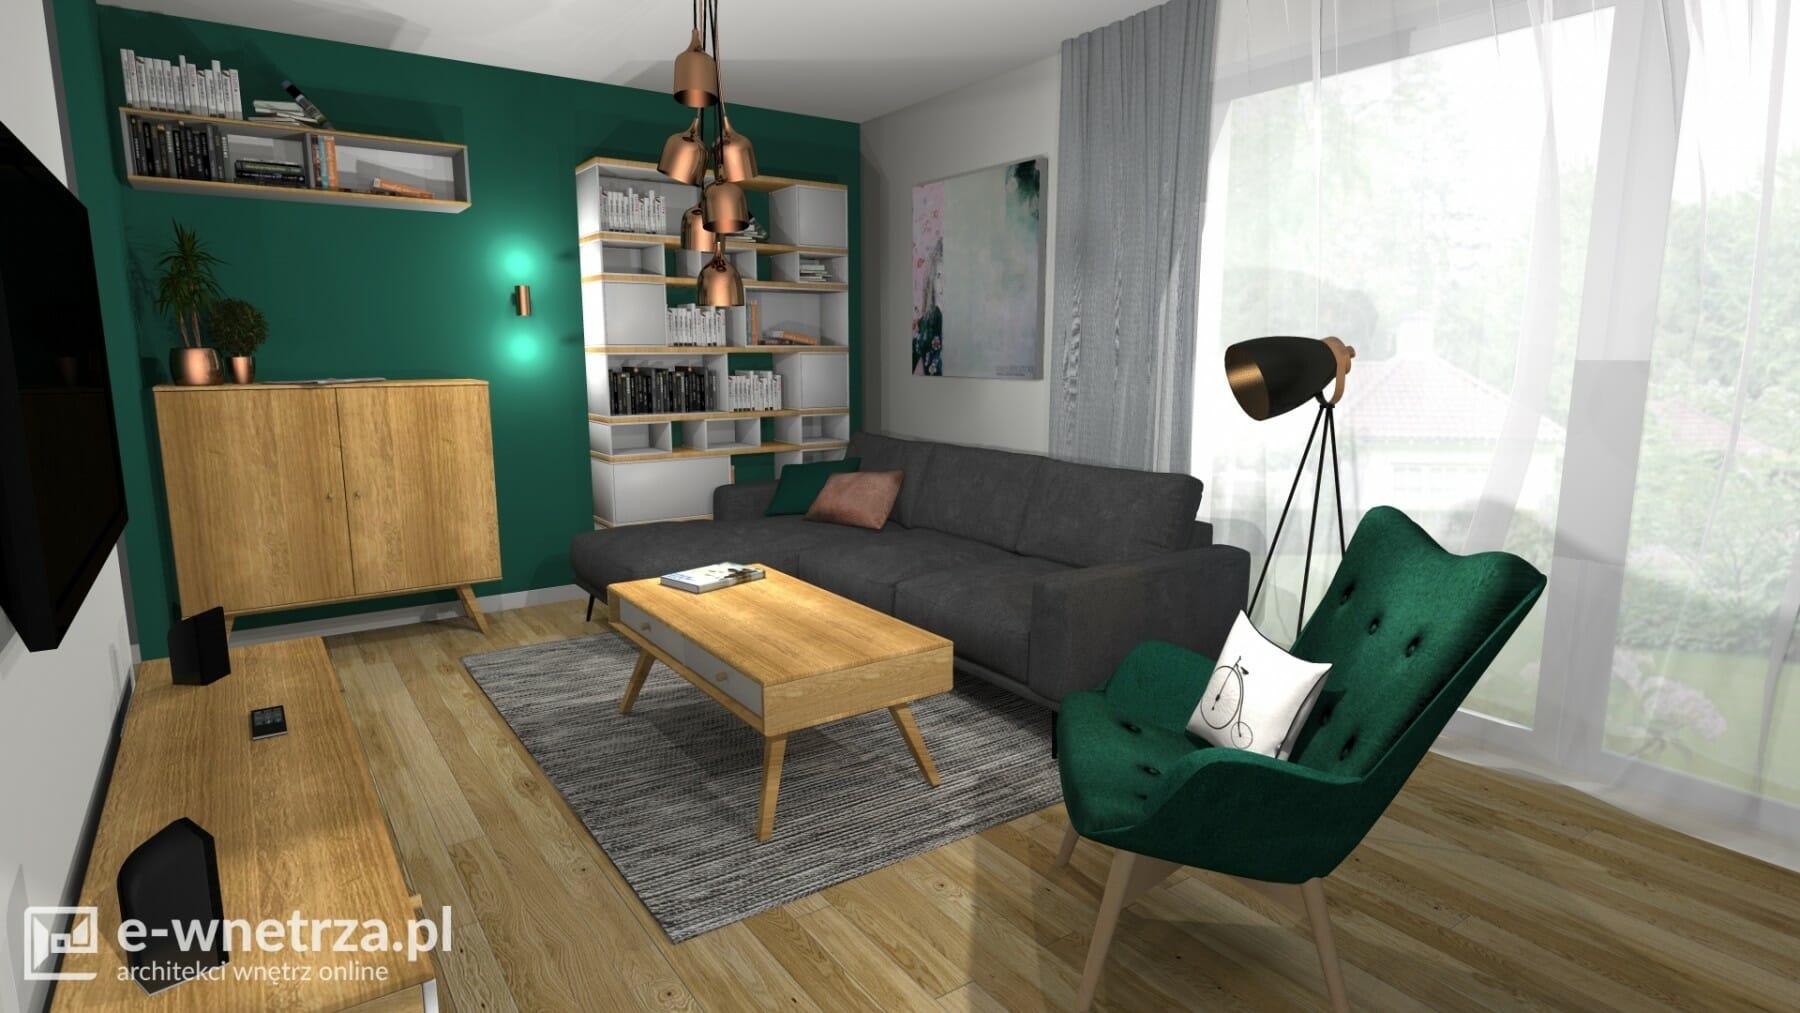 Projekt Salonu Z Kuchnią E Wnetrzapl Projektowanie